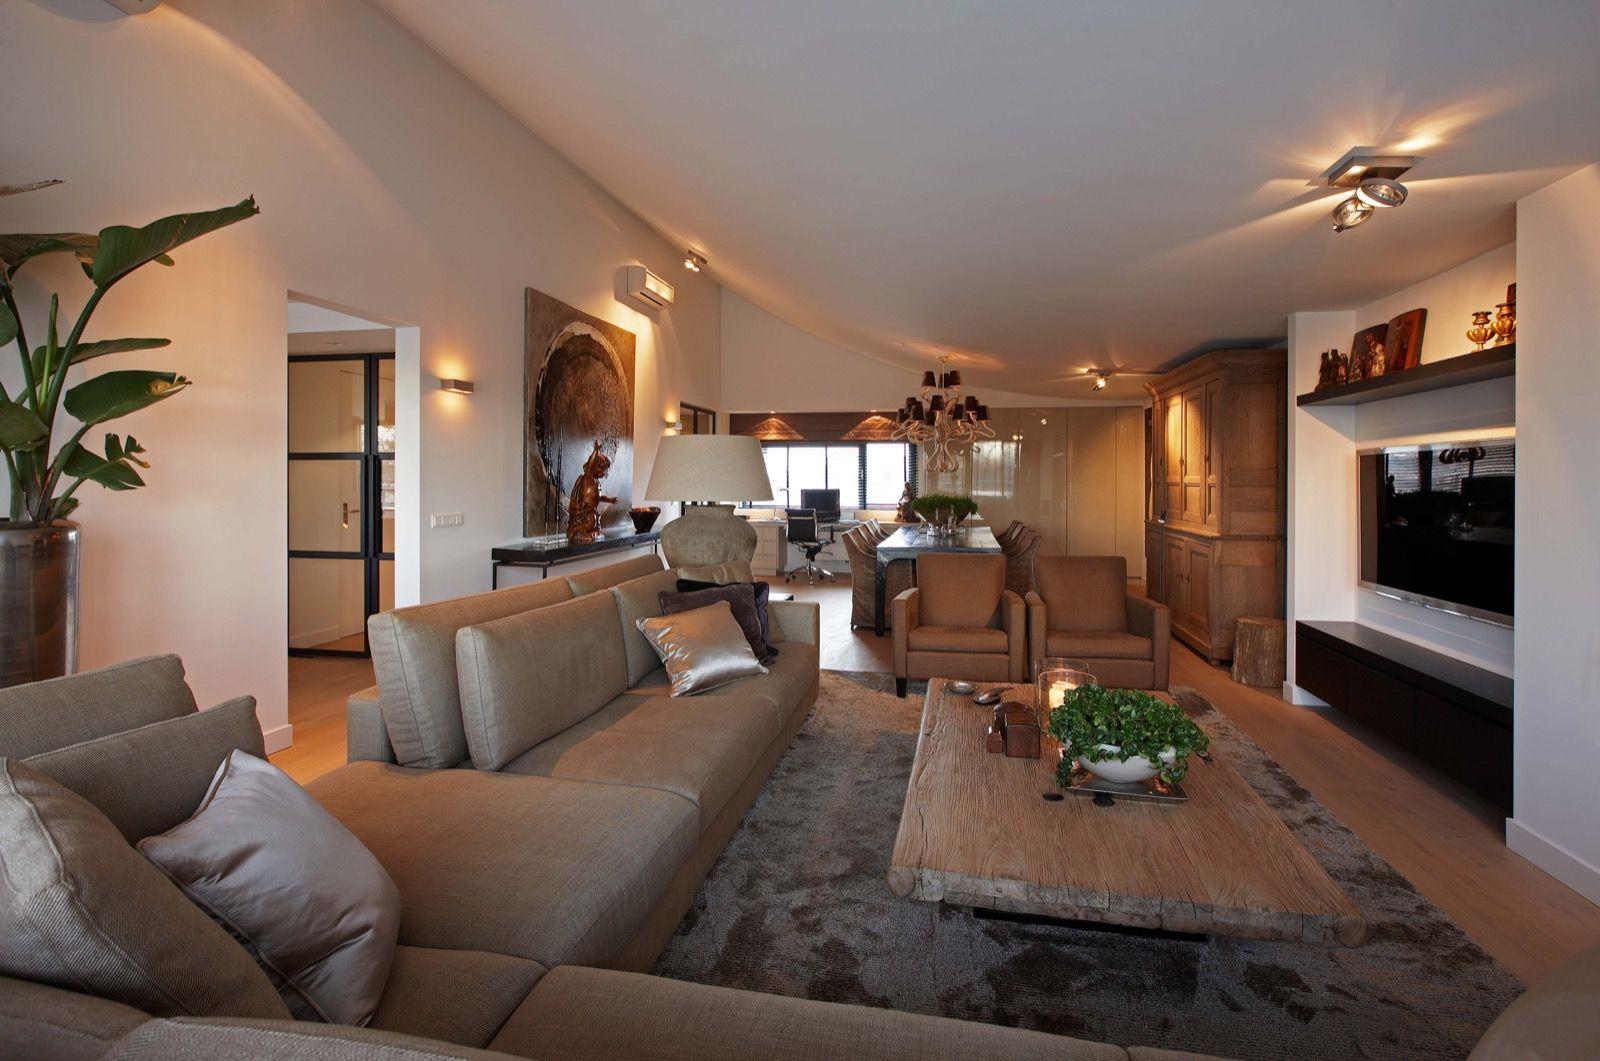 Dit penthouse met chique interieur in breda bevatte voorheen enkel antieke meubels de toren heeft